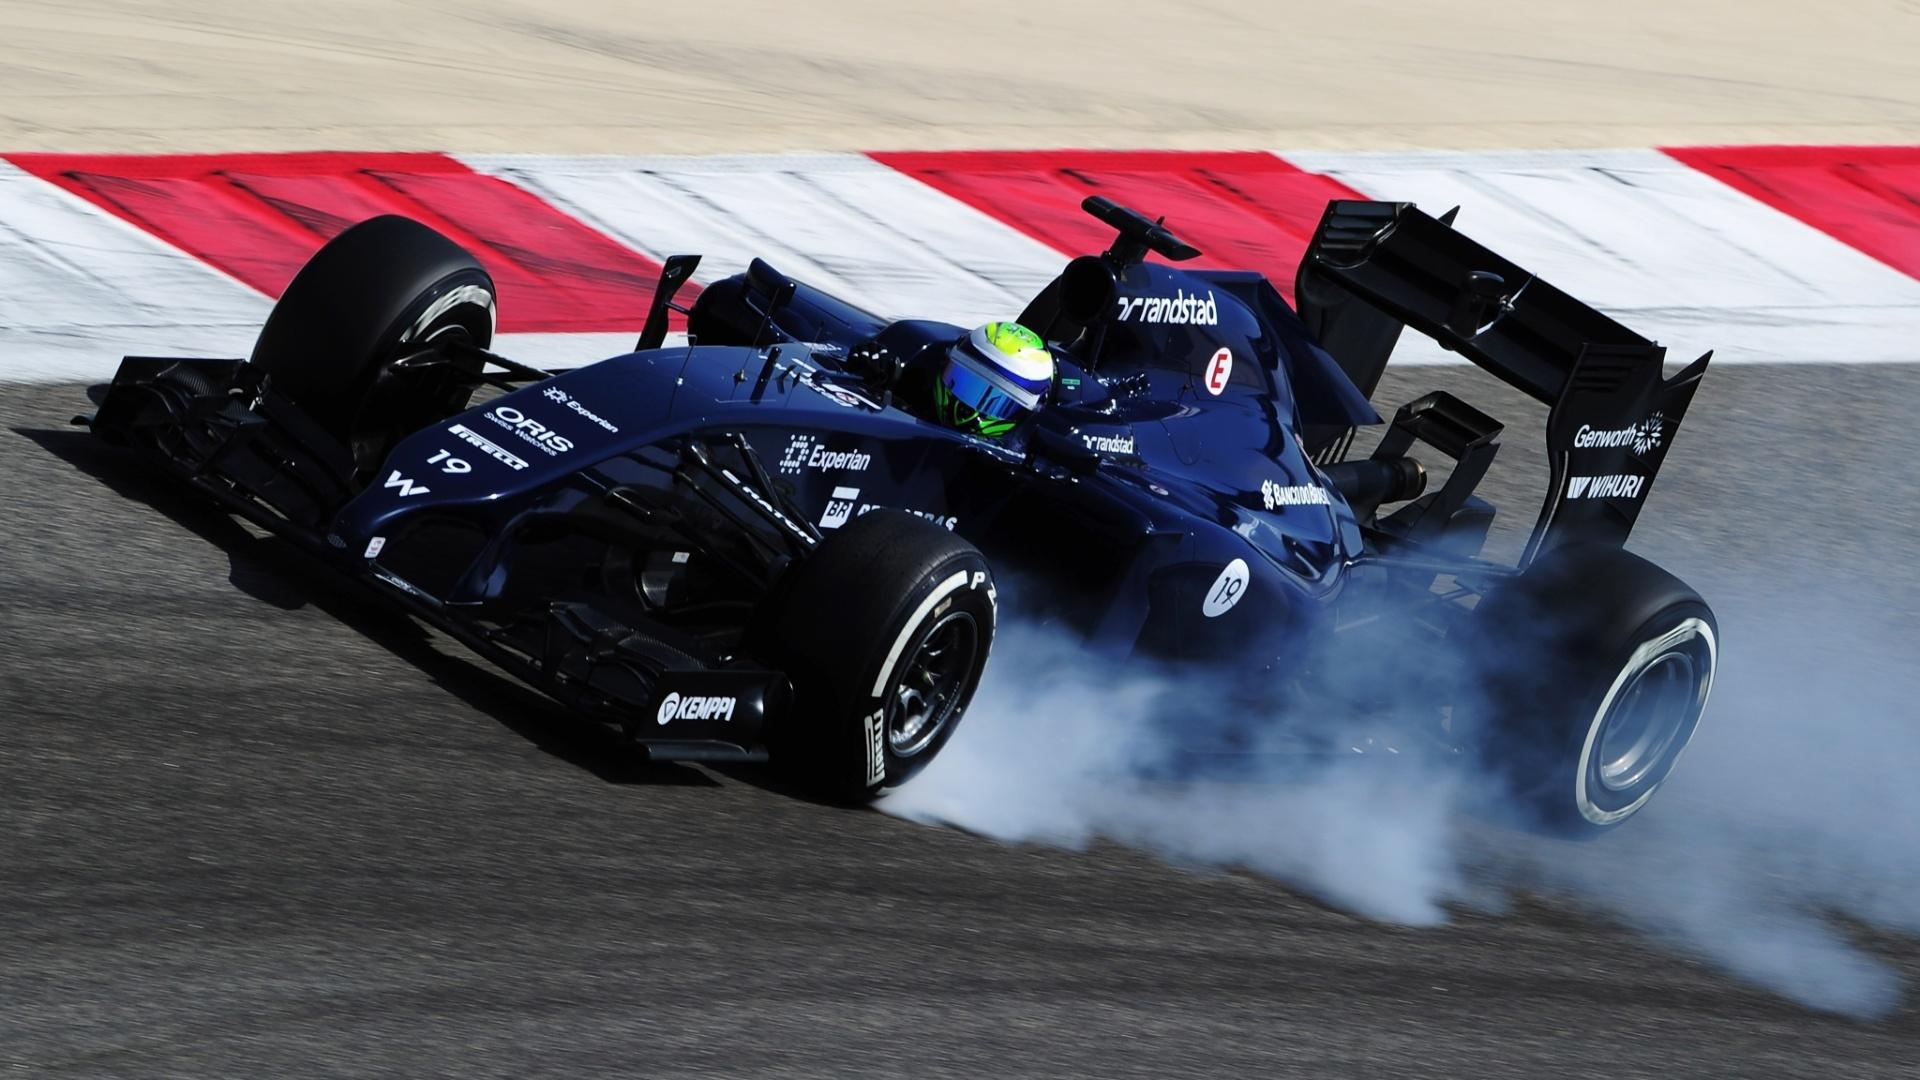 01.mar.2014 - Felipe Massa fez o tempo mais rápido da parte da manhã com a Williams